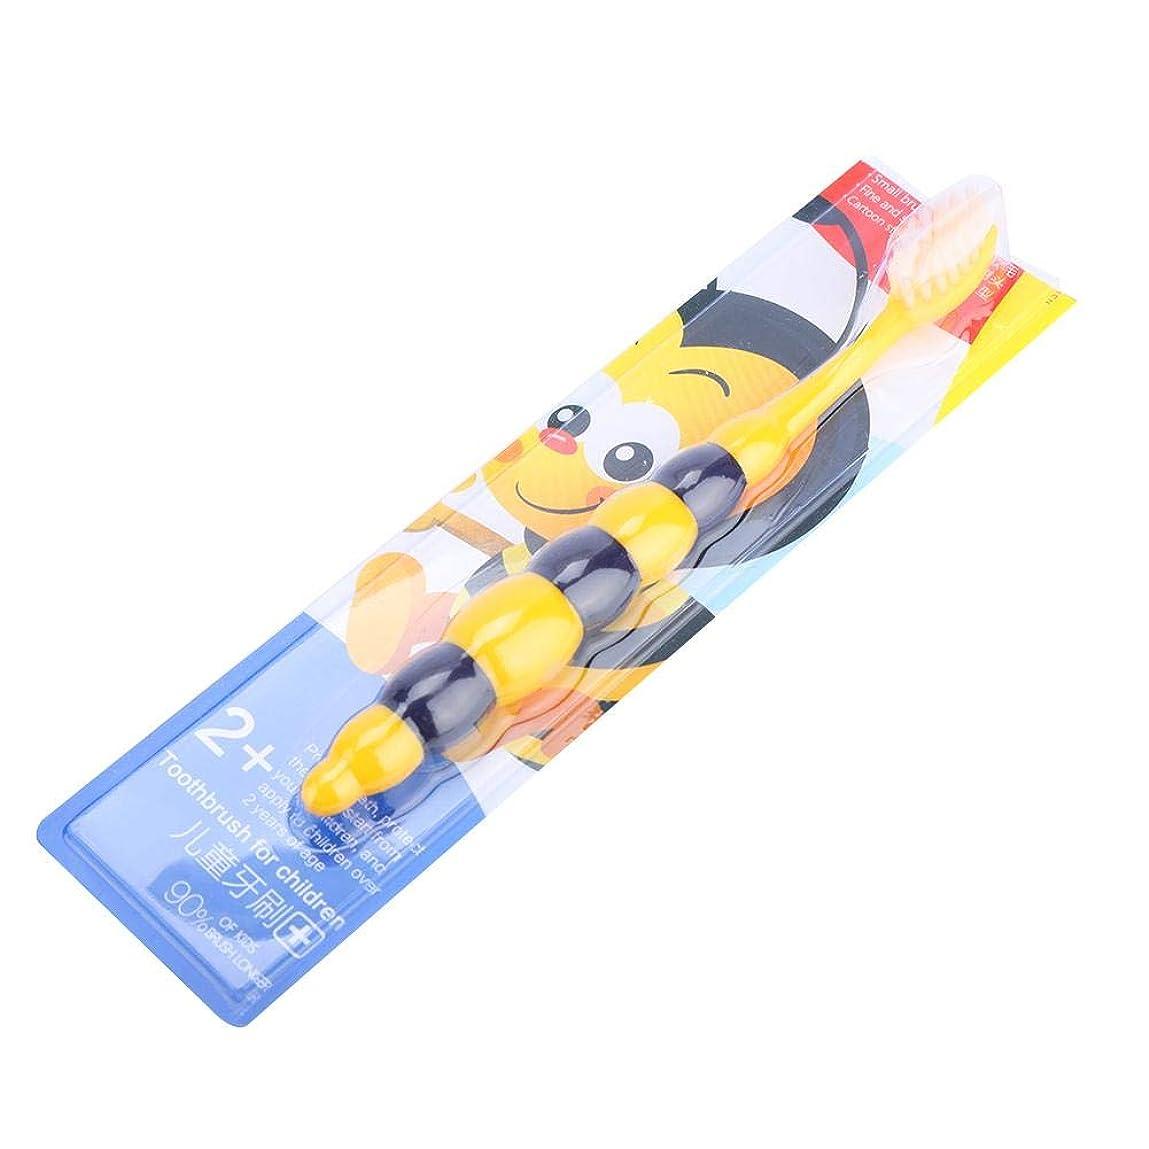 パーチナシティ広い二層子供の柔らかい髪の歯ブラシの子供かわいいクリーニングの歯ブラシオーラルケアツール(黄色い蜂)